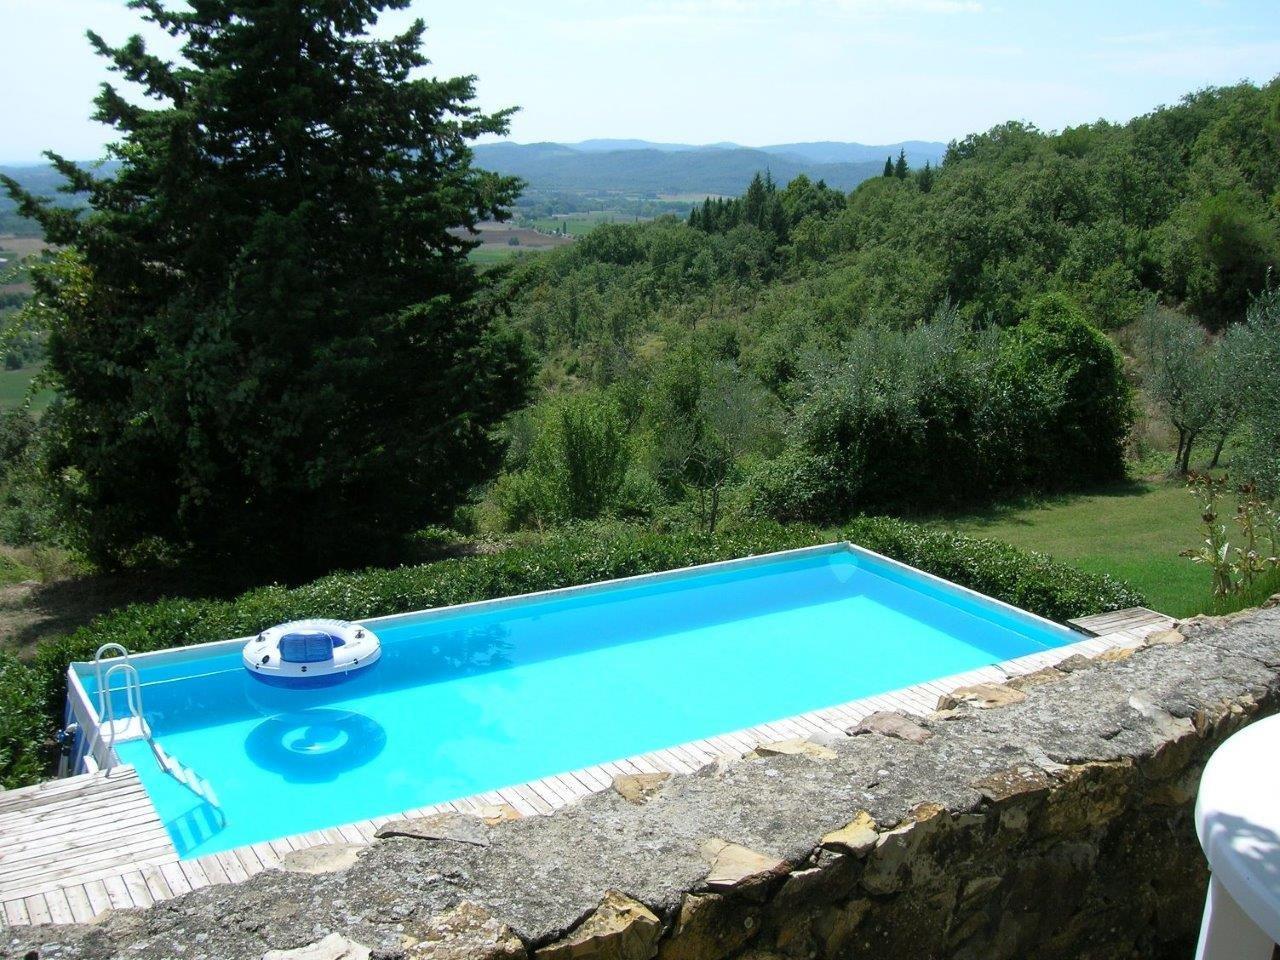 casarossa - zwembad met uitzicht